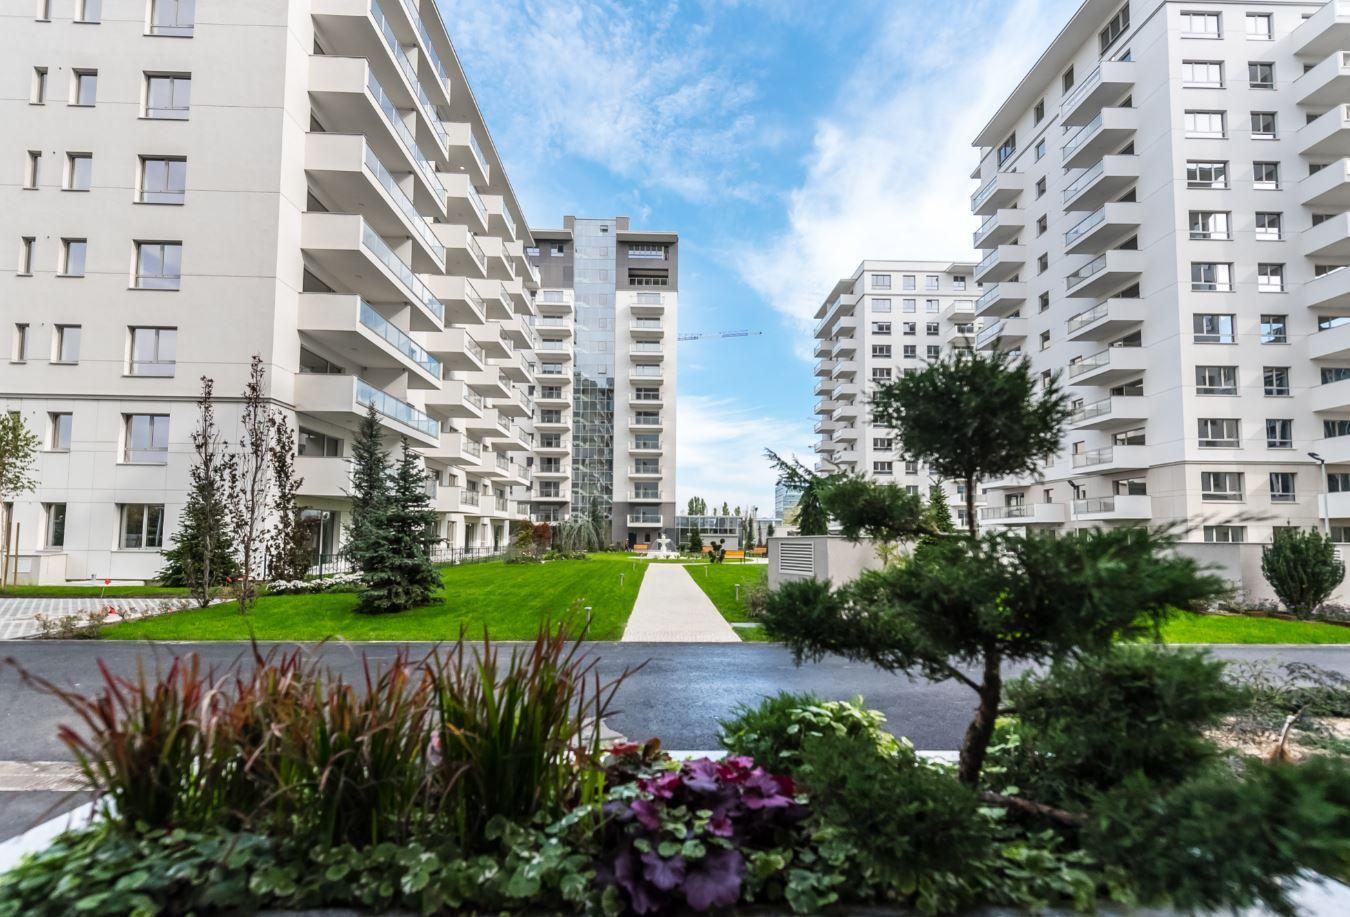 ANALIZĂ: Valoarea totală a pieţei construcţiilor din Cluj este estimată la aproximativ 3 miliarde de euro. Peste 2.000 de proiecte se află în diverse etape de execuţie